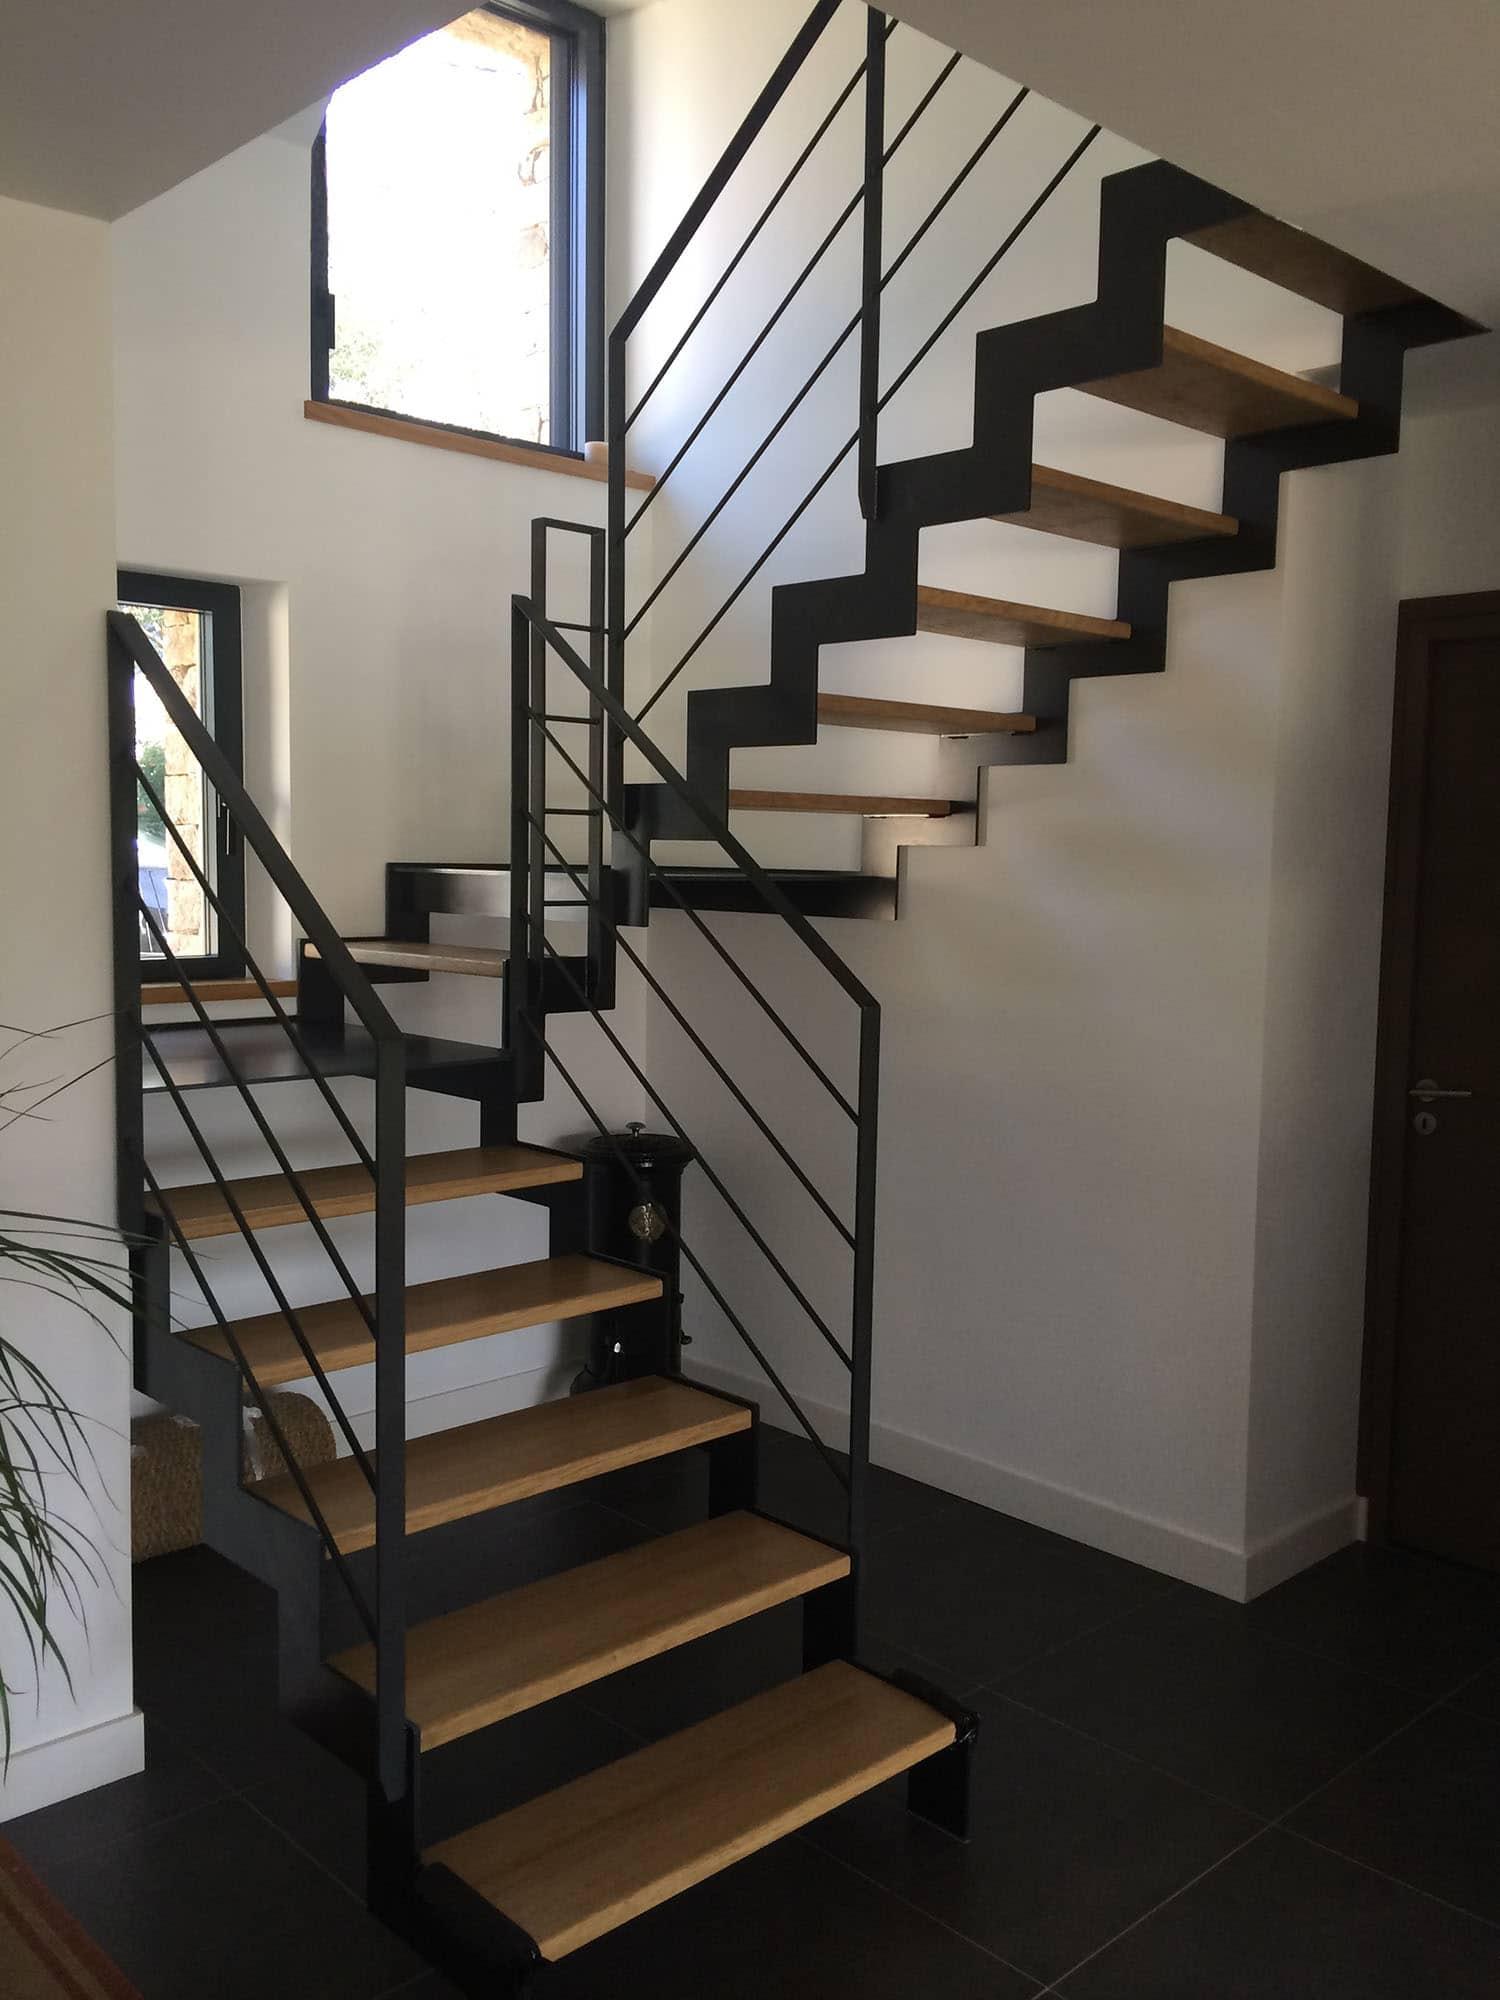 Лестница на второй этаж в доме на металлическом каркасе черная